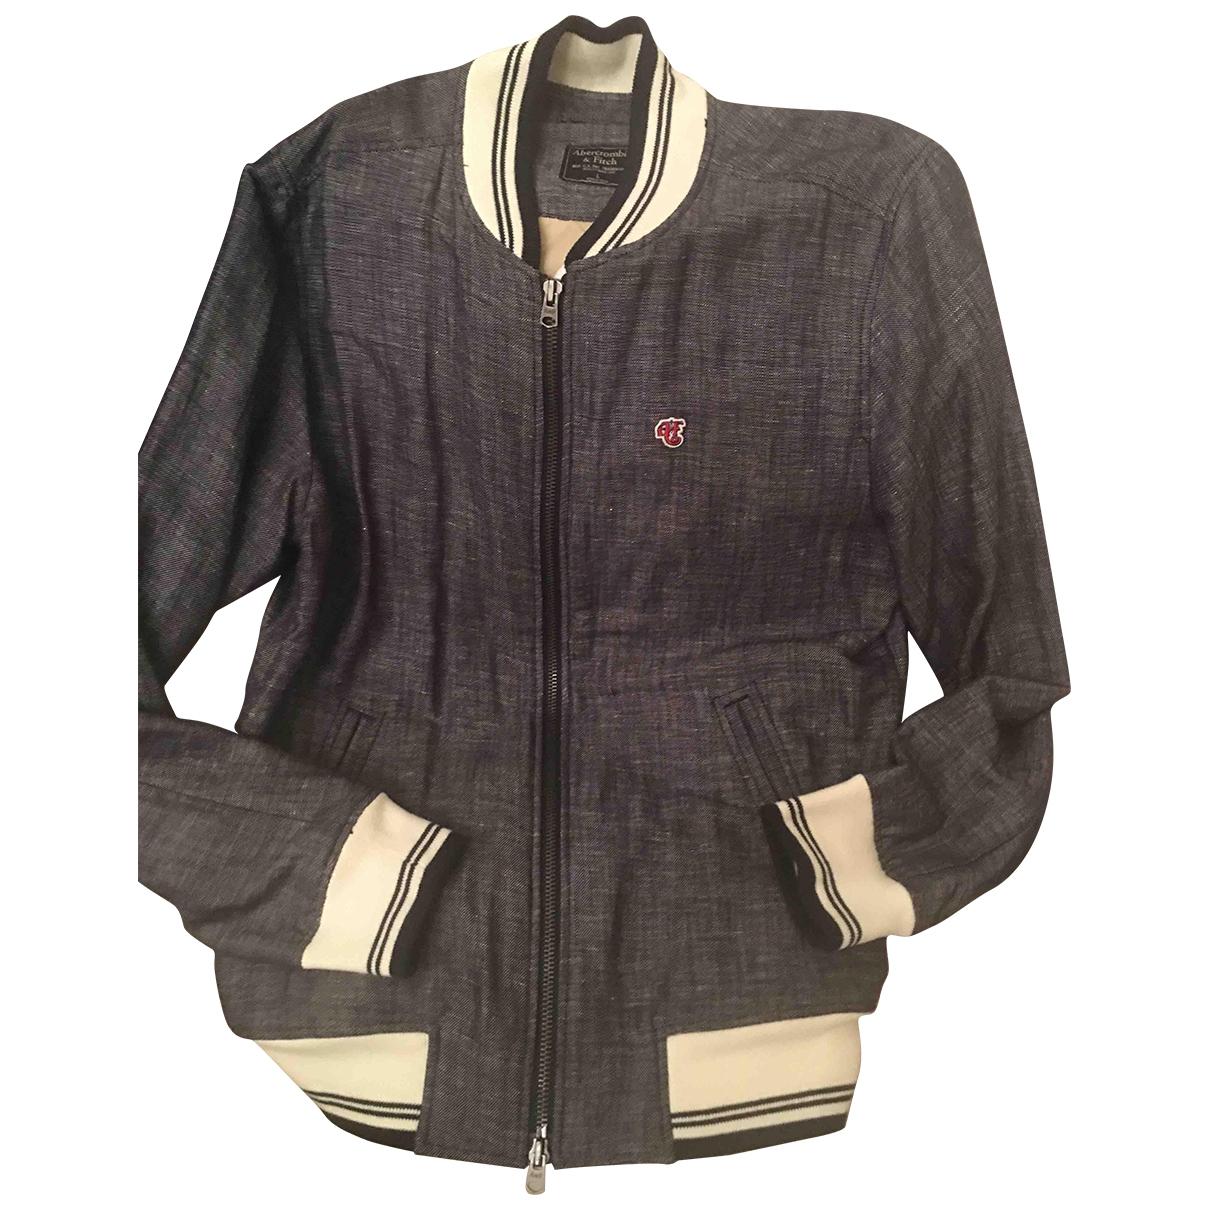 Abercrombie & Fitch - Vestes.Blousons   pour homme en lin - bleu